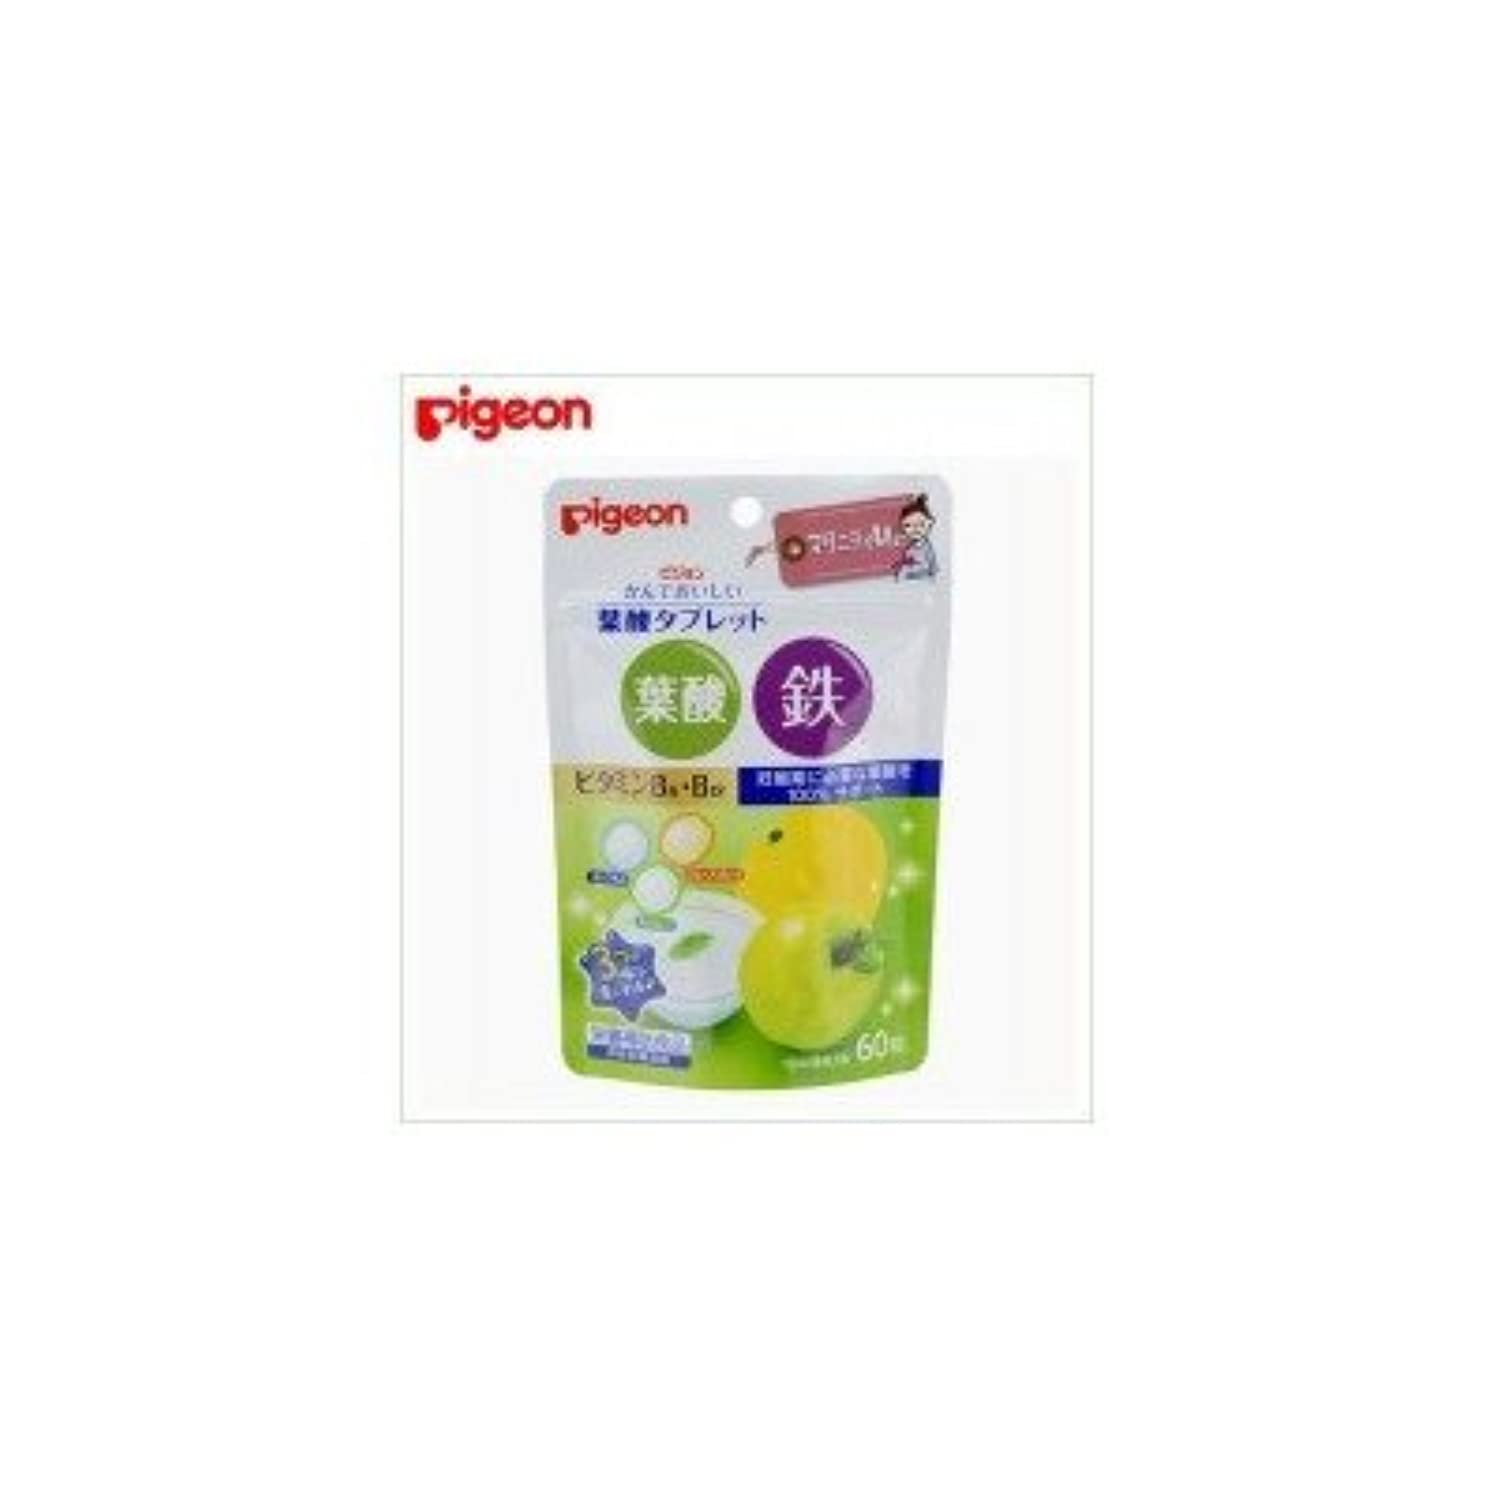 爆風市場余暇Pigeon(ピジョン) サプリメント 栄養補助食品 かんでおいしい葉酸タブレット 60粒 20444